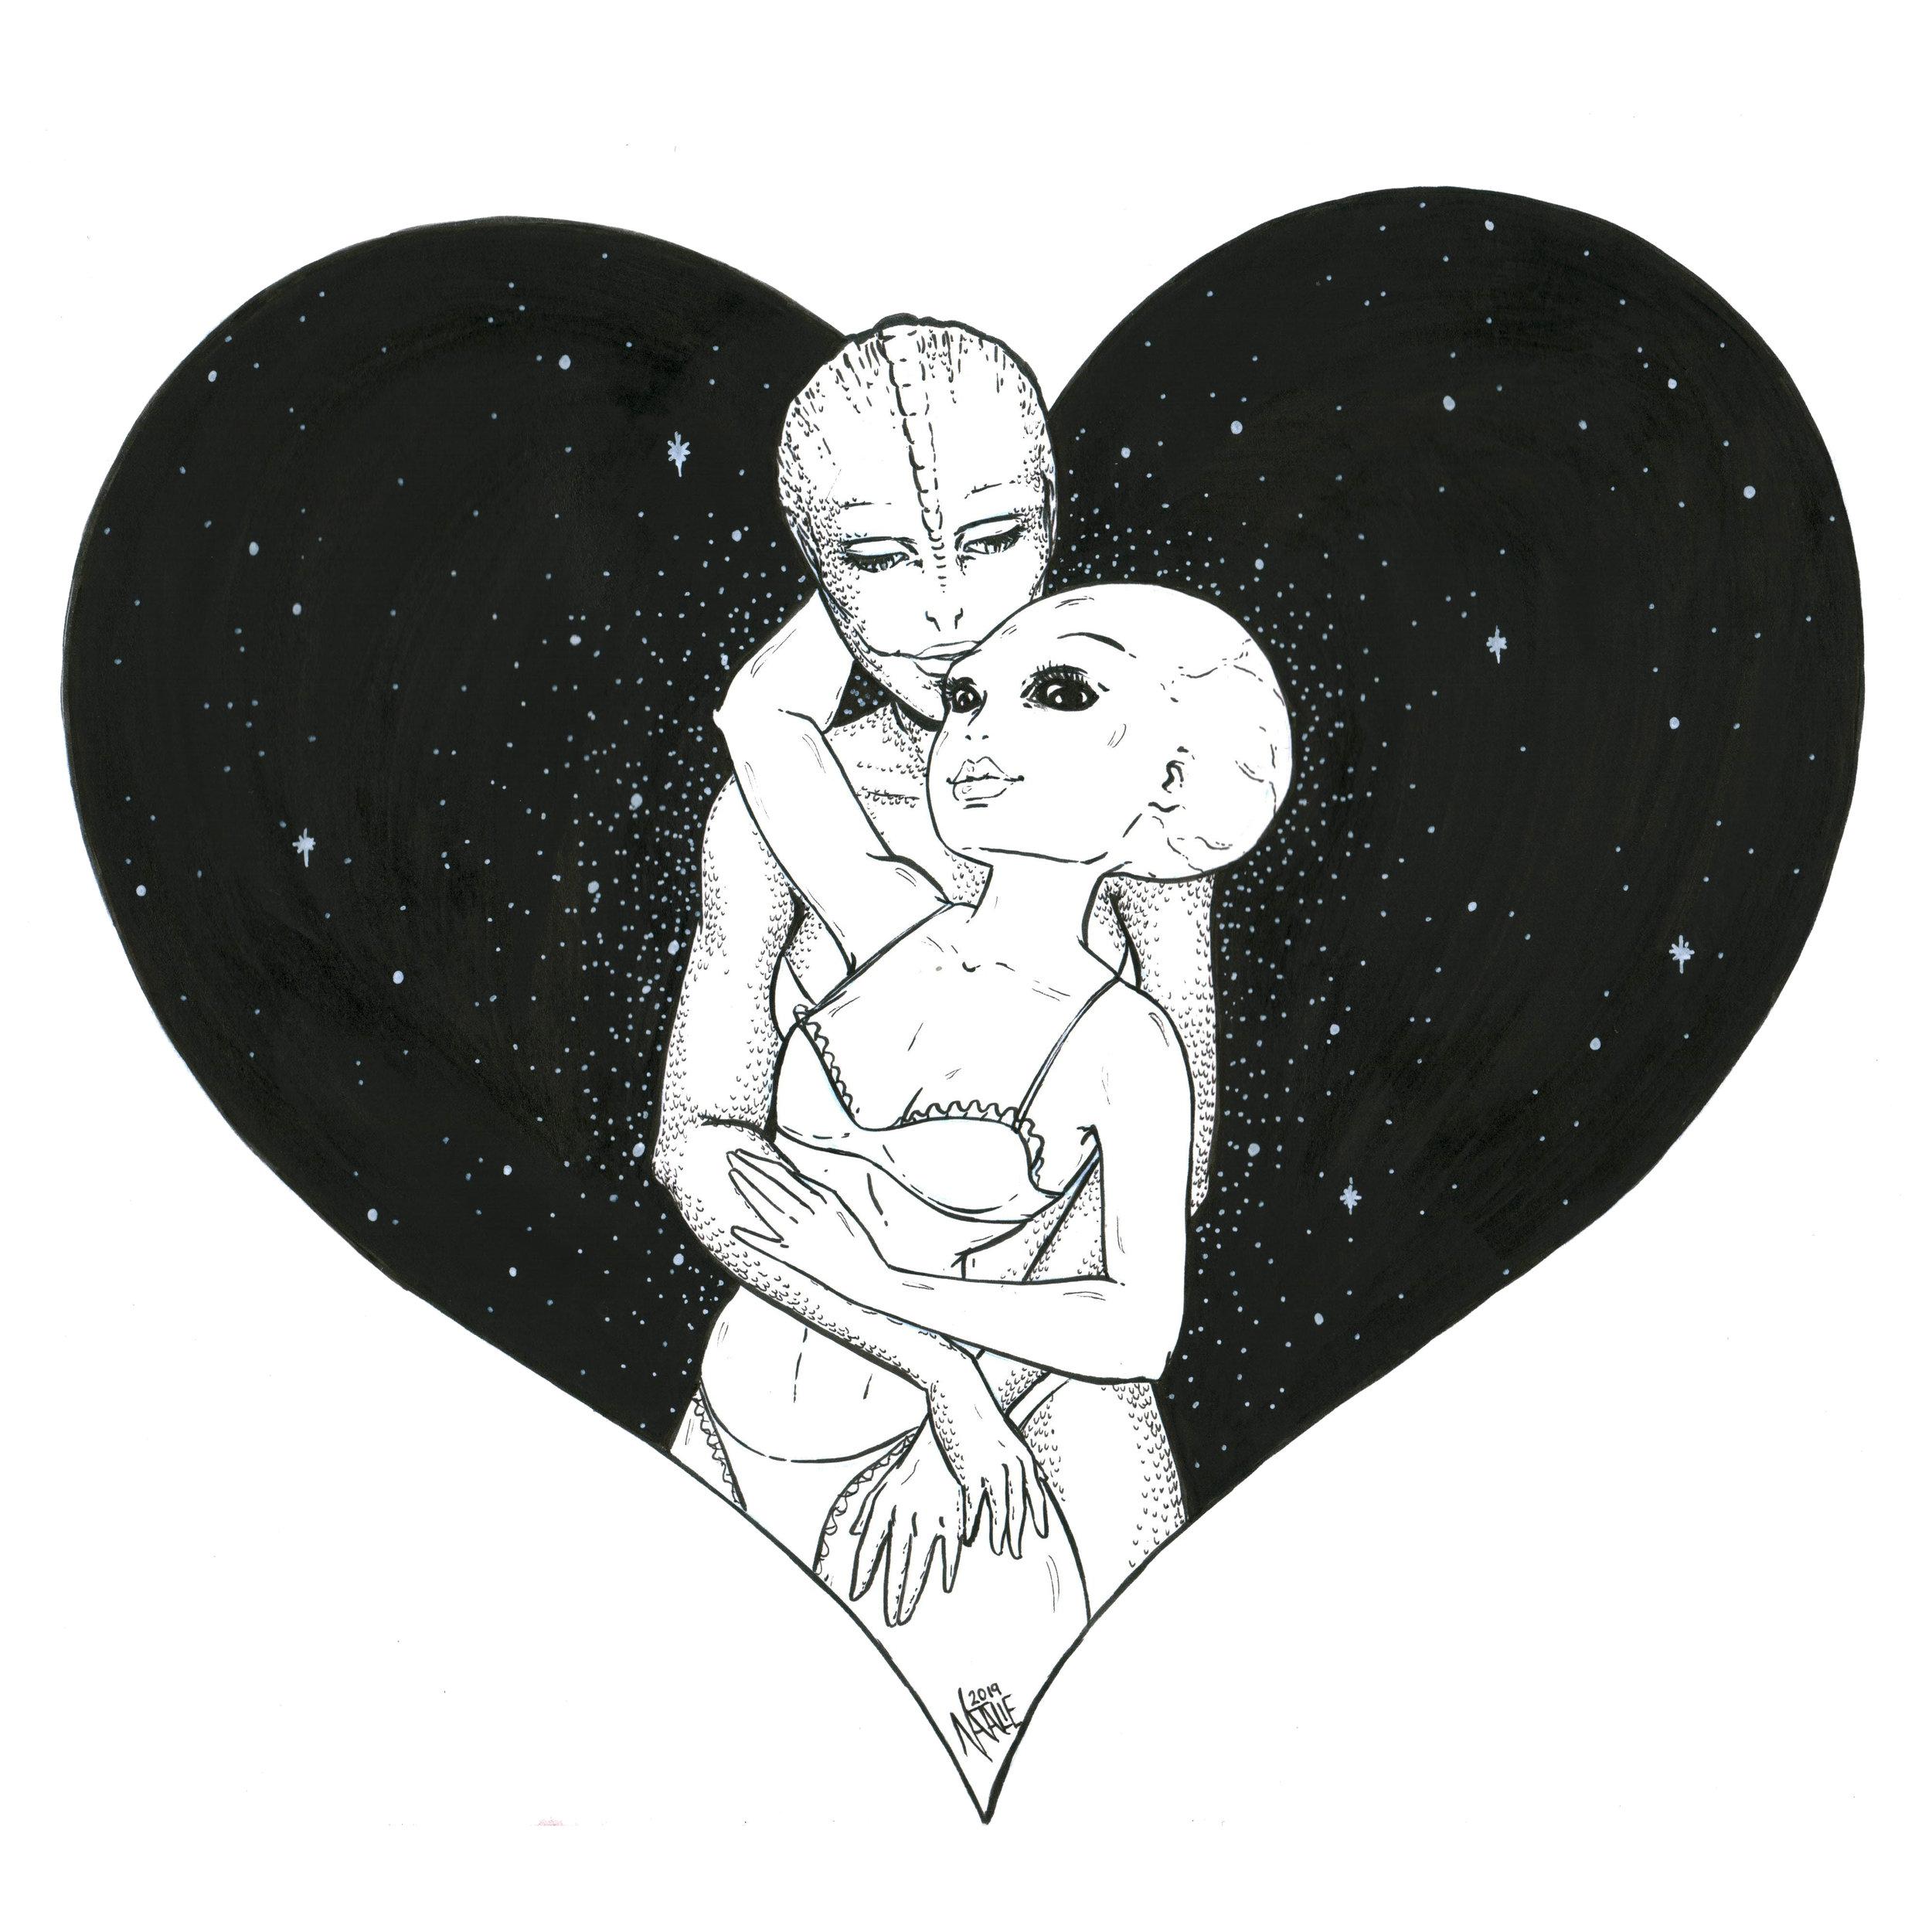 aliengirls3.jpg